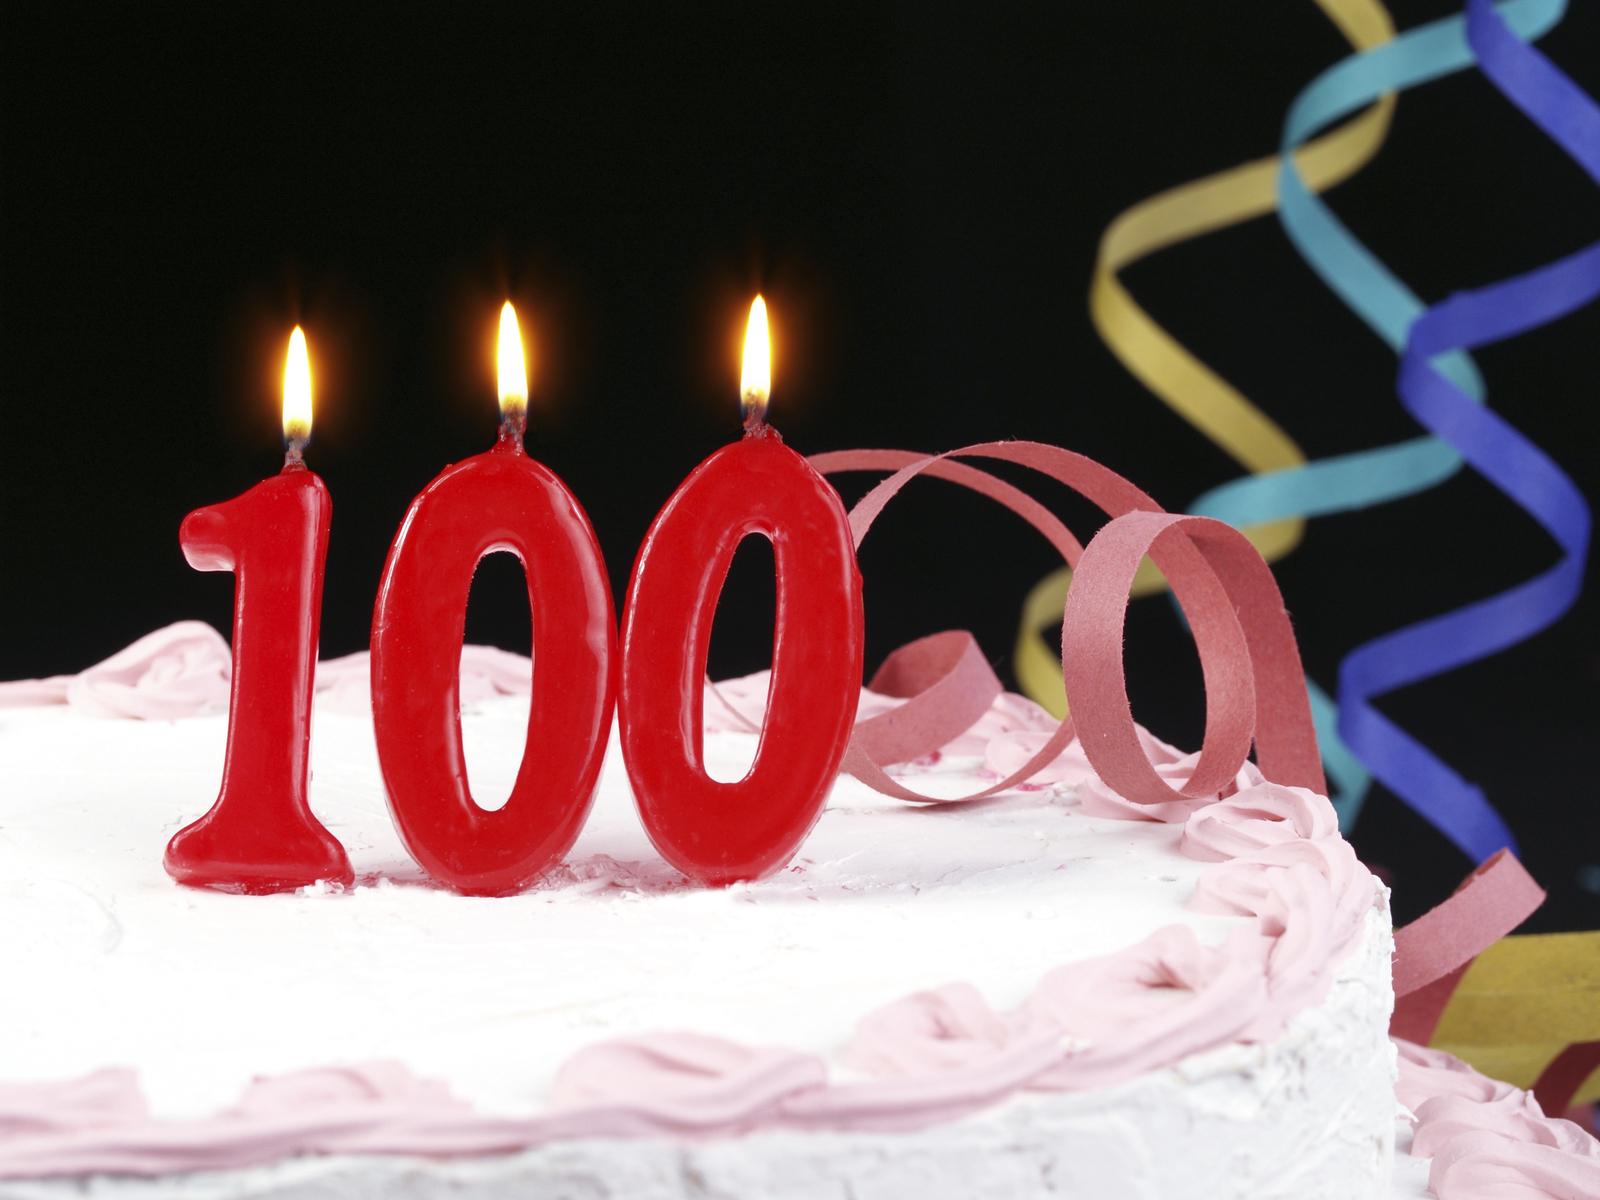 centenarian human lifespan